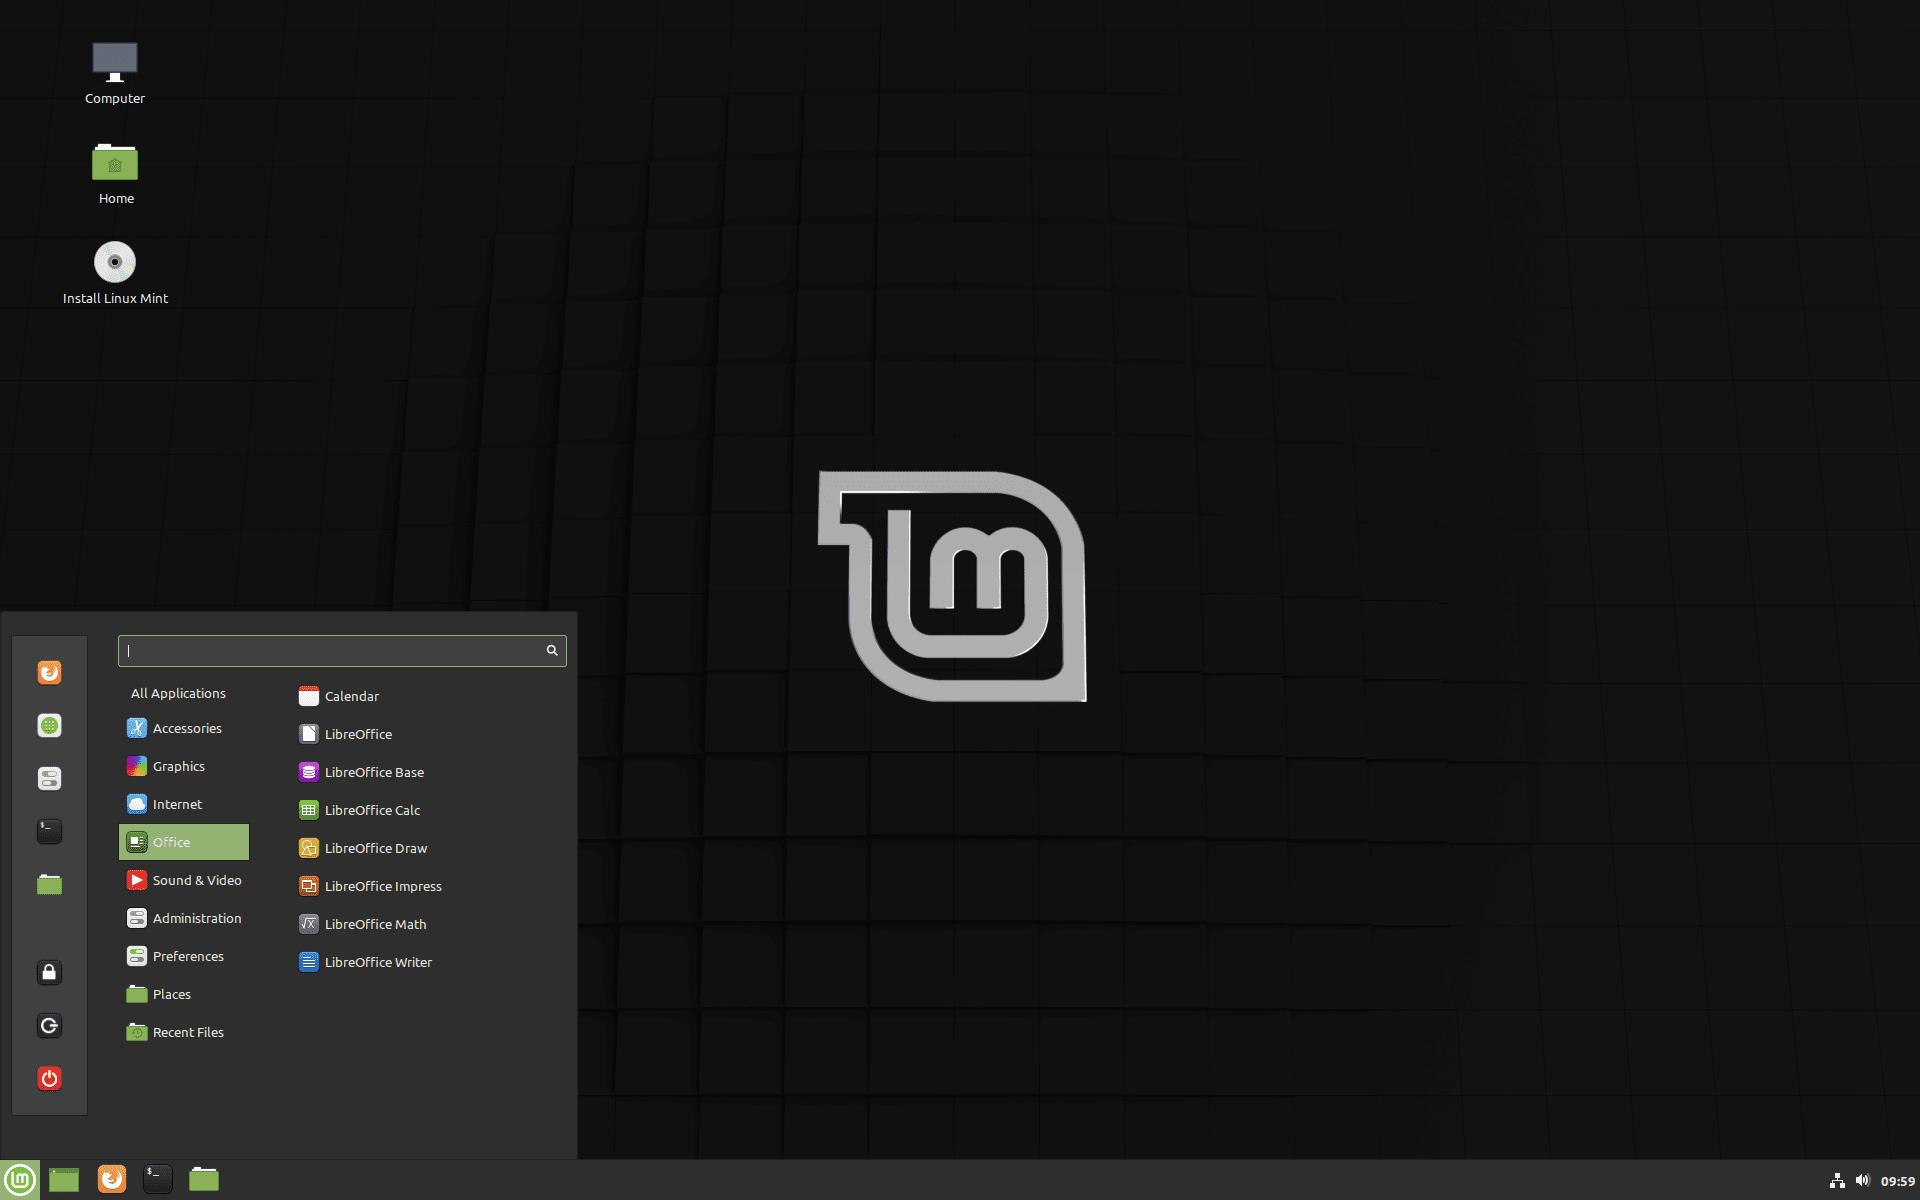 edición de linux mint debian